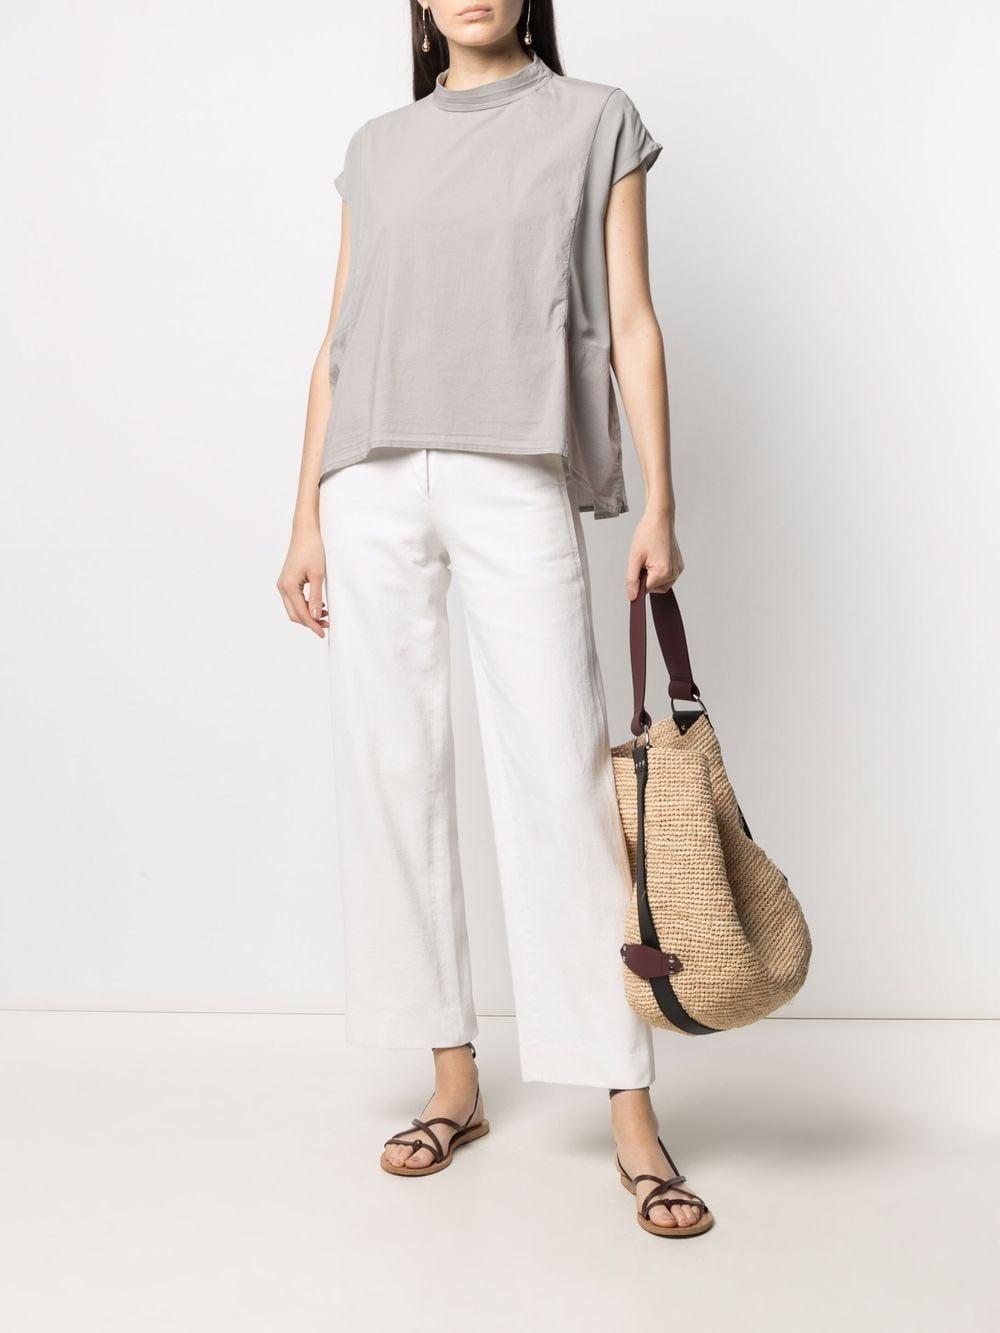 Blusa a maniche corte con collo girocollo in cotone grigio chiaro TRANSIT | Camicie | CFDTRN--M22011